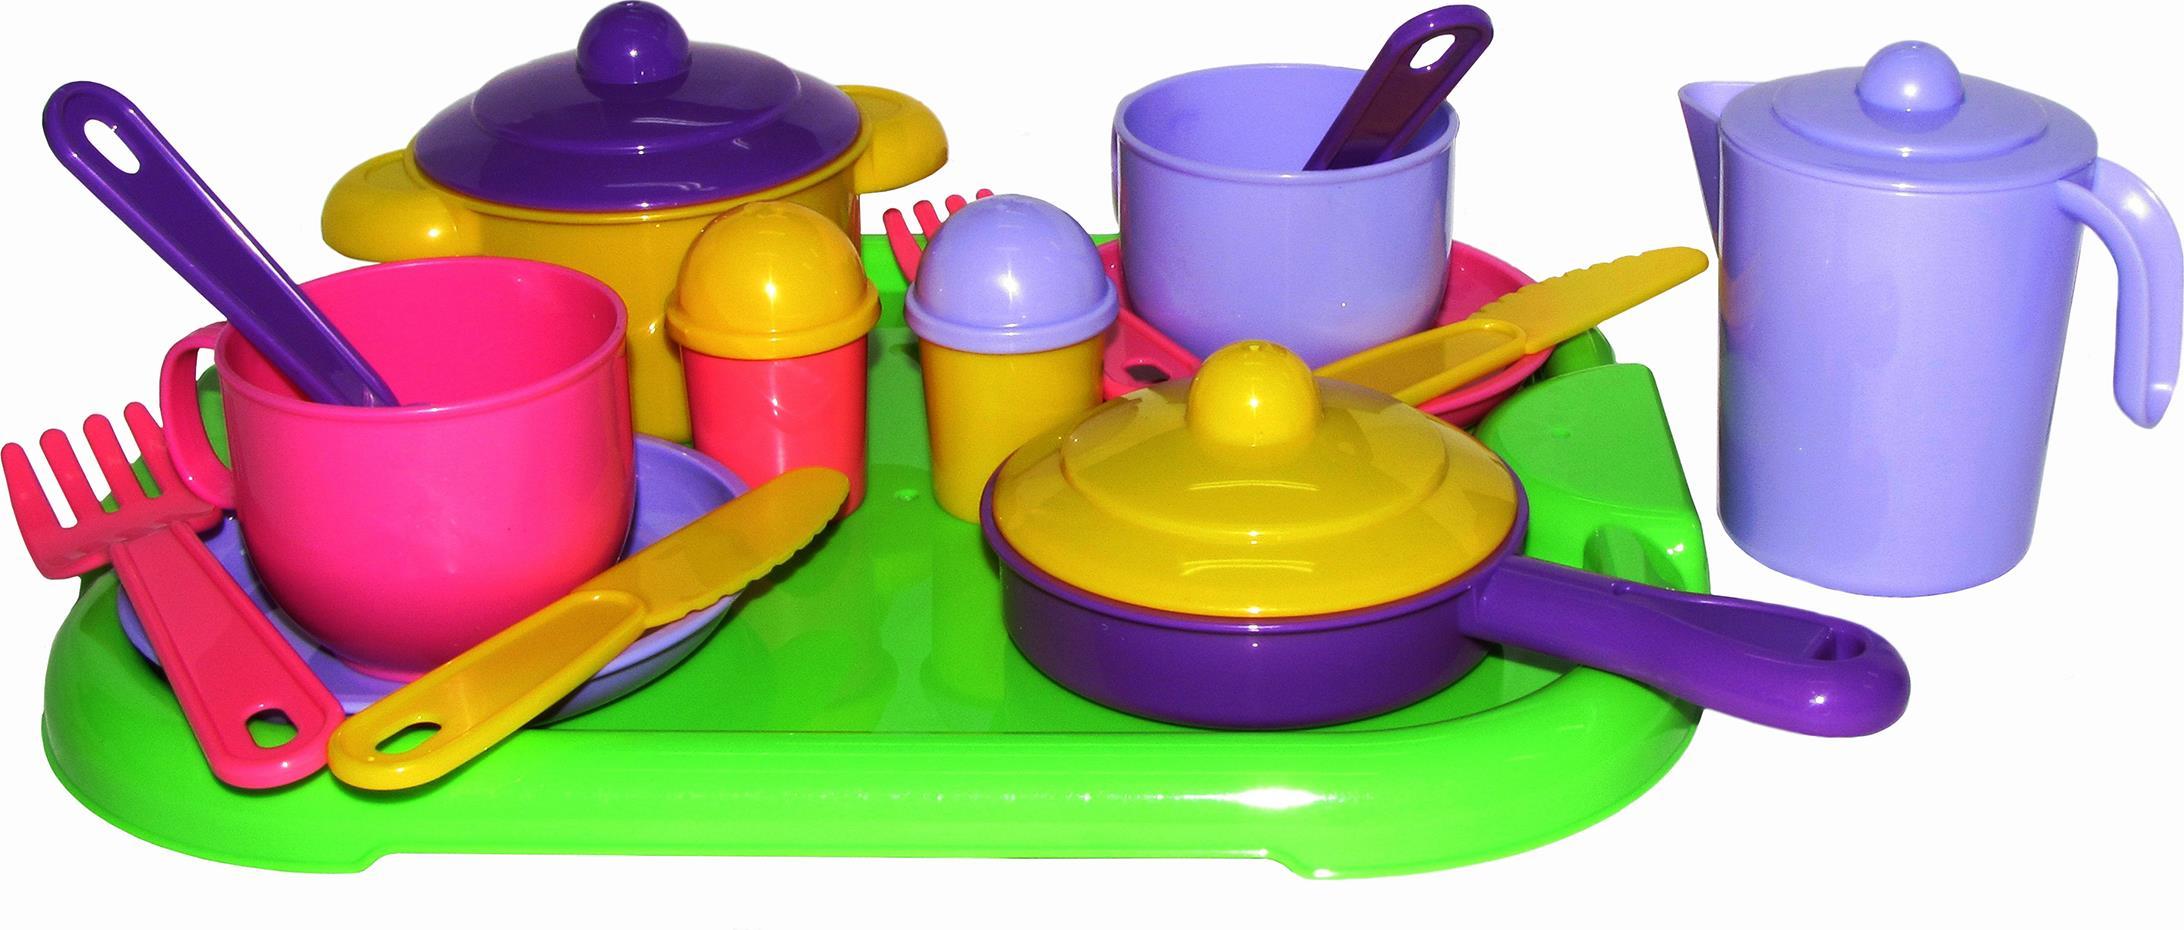 Картинки цветные посуда для детей